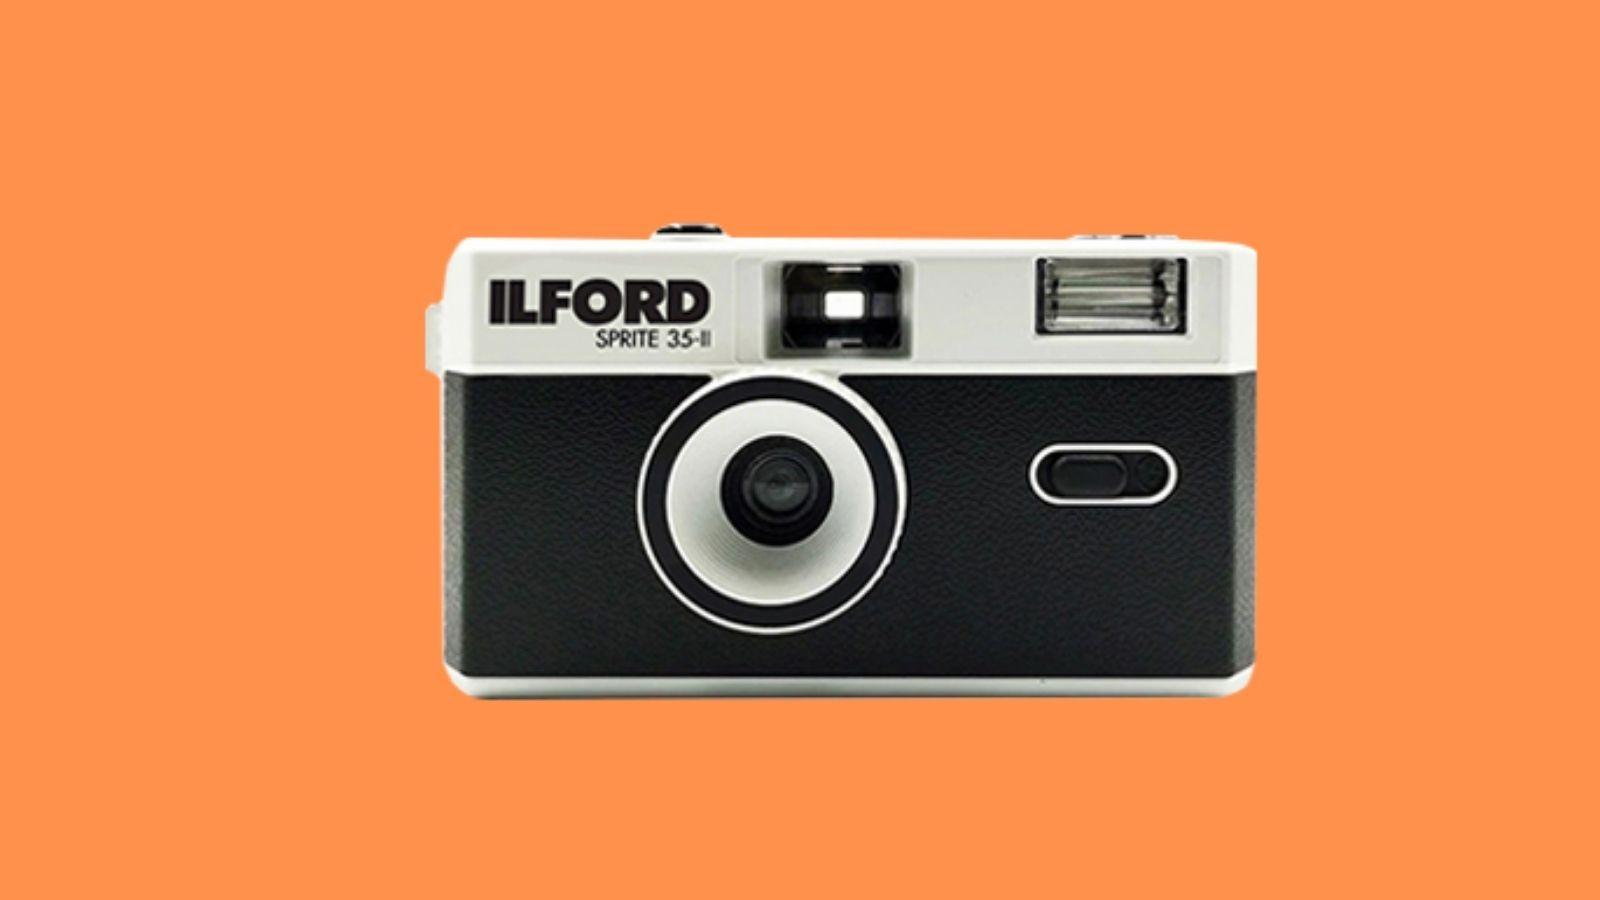 ilford-sprite-35-ii-lanzamiento-mexico-ok